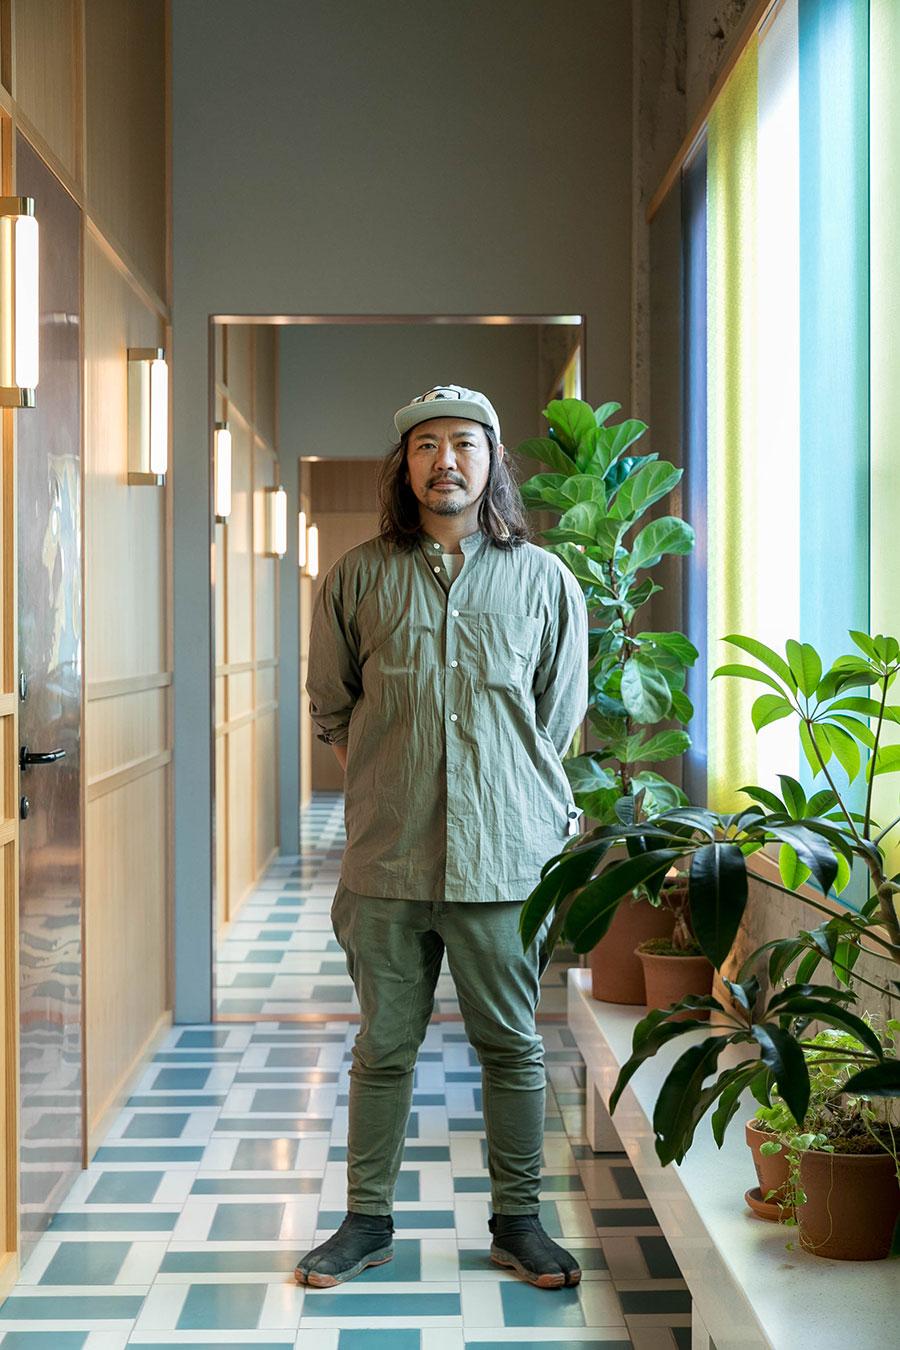 『Yard Works』の天野慶さん。「僕らは庭師なので、庭がない施設の依頼に最初は戸惑いましたが、庭師ならではの経験と視点を生かせるプロジェクトに参加することができ、素晴らしい経験をさせてもらえたことに感謝しています」